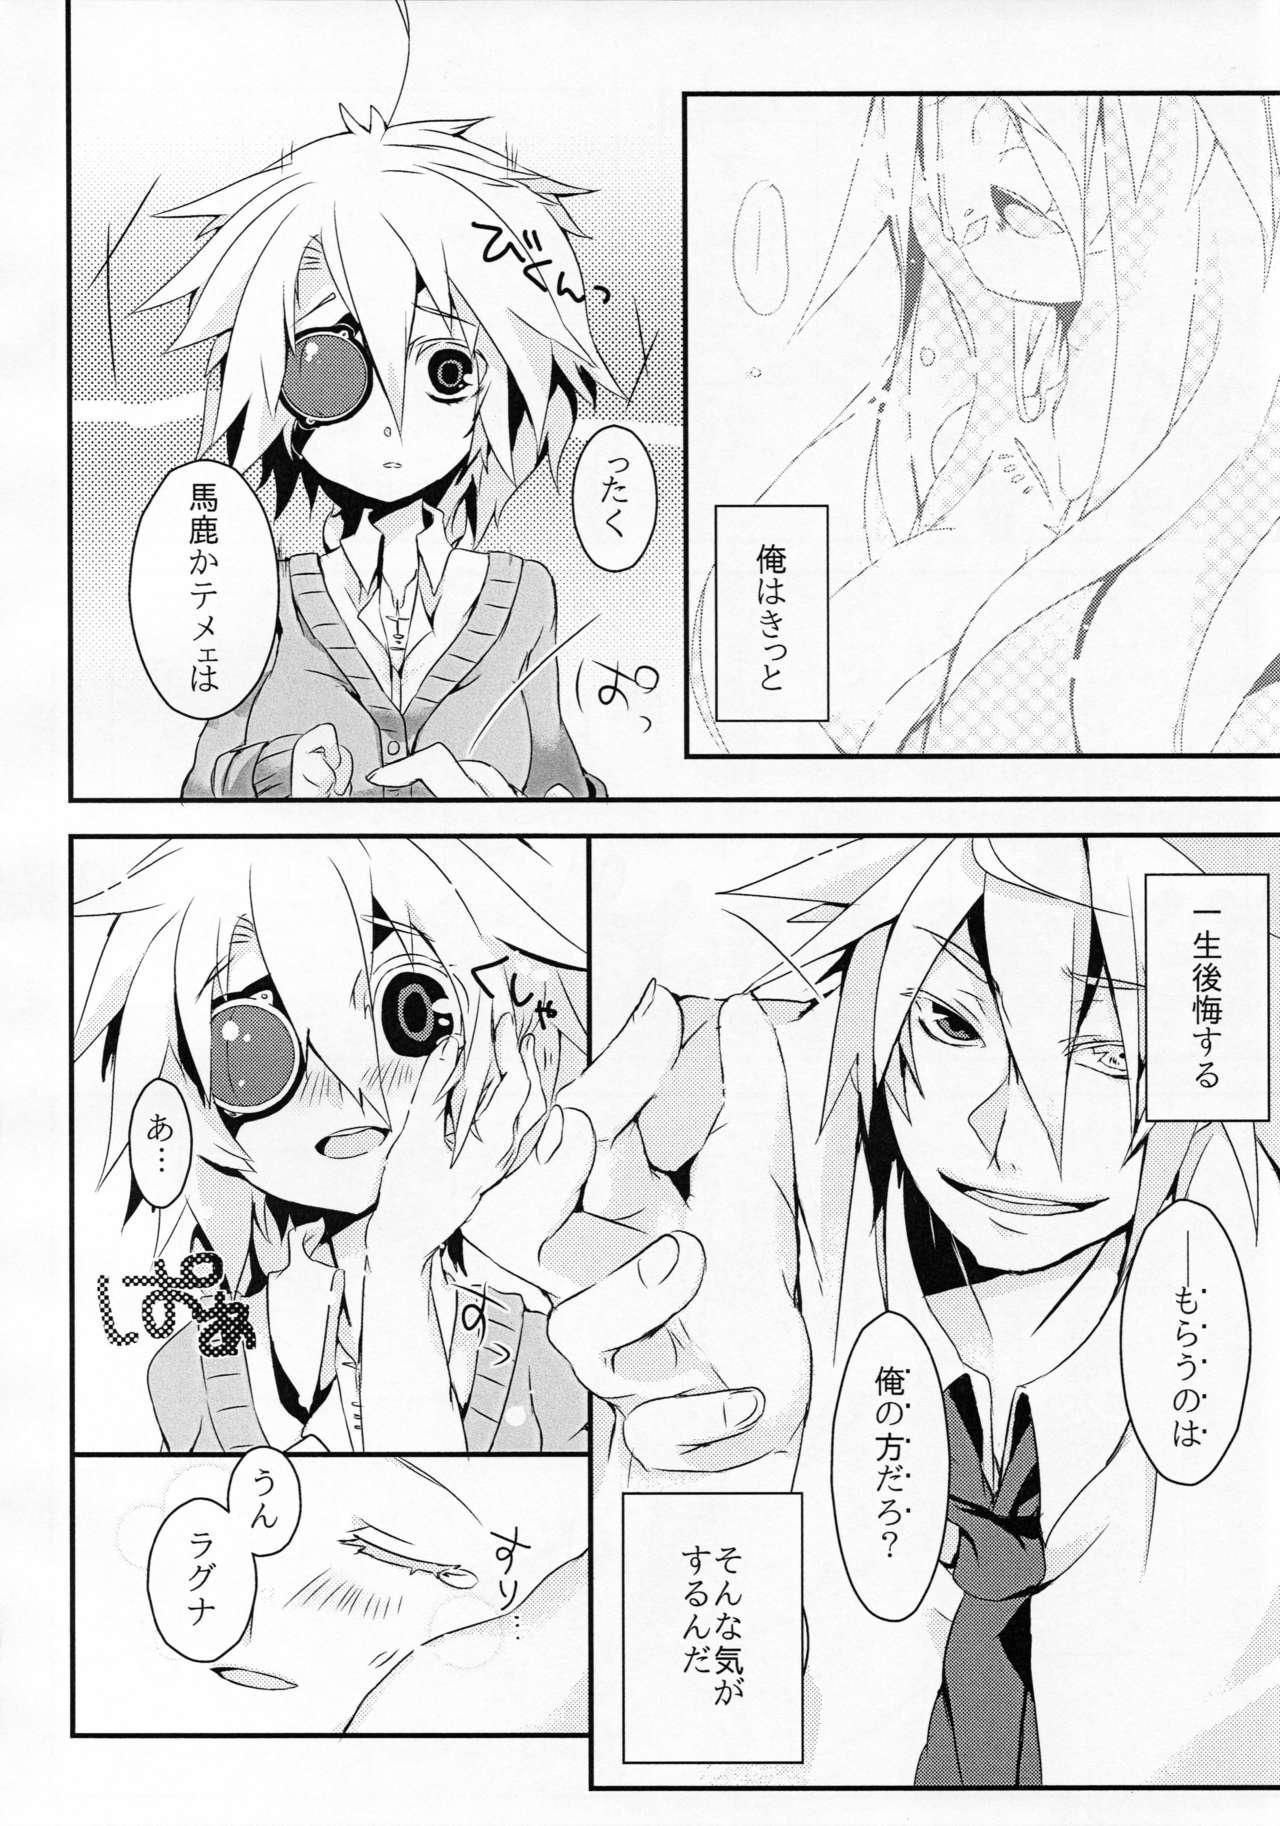 Ningyou no Miru Yume wa 18